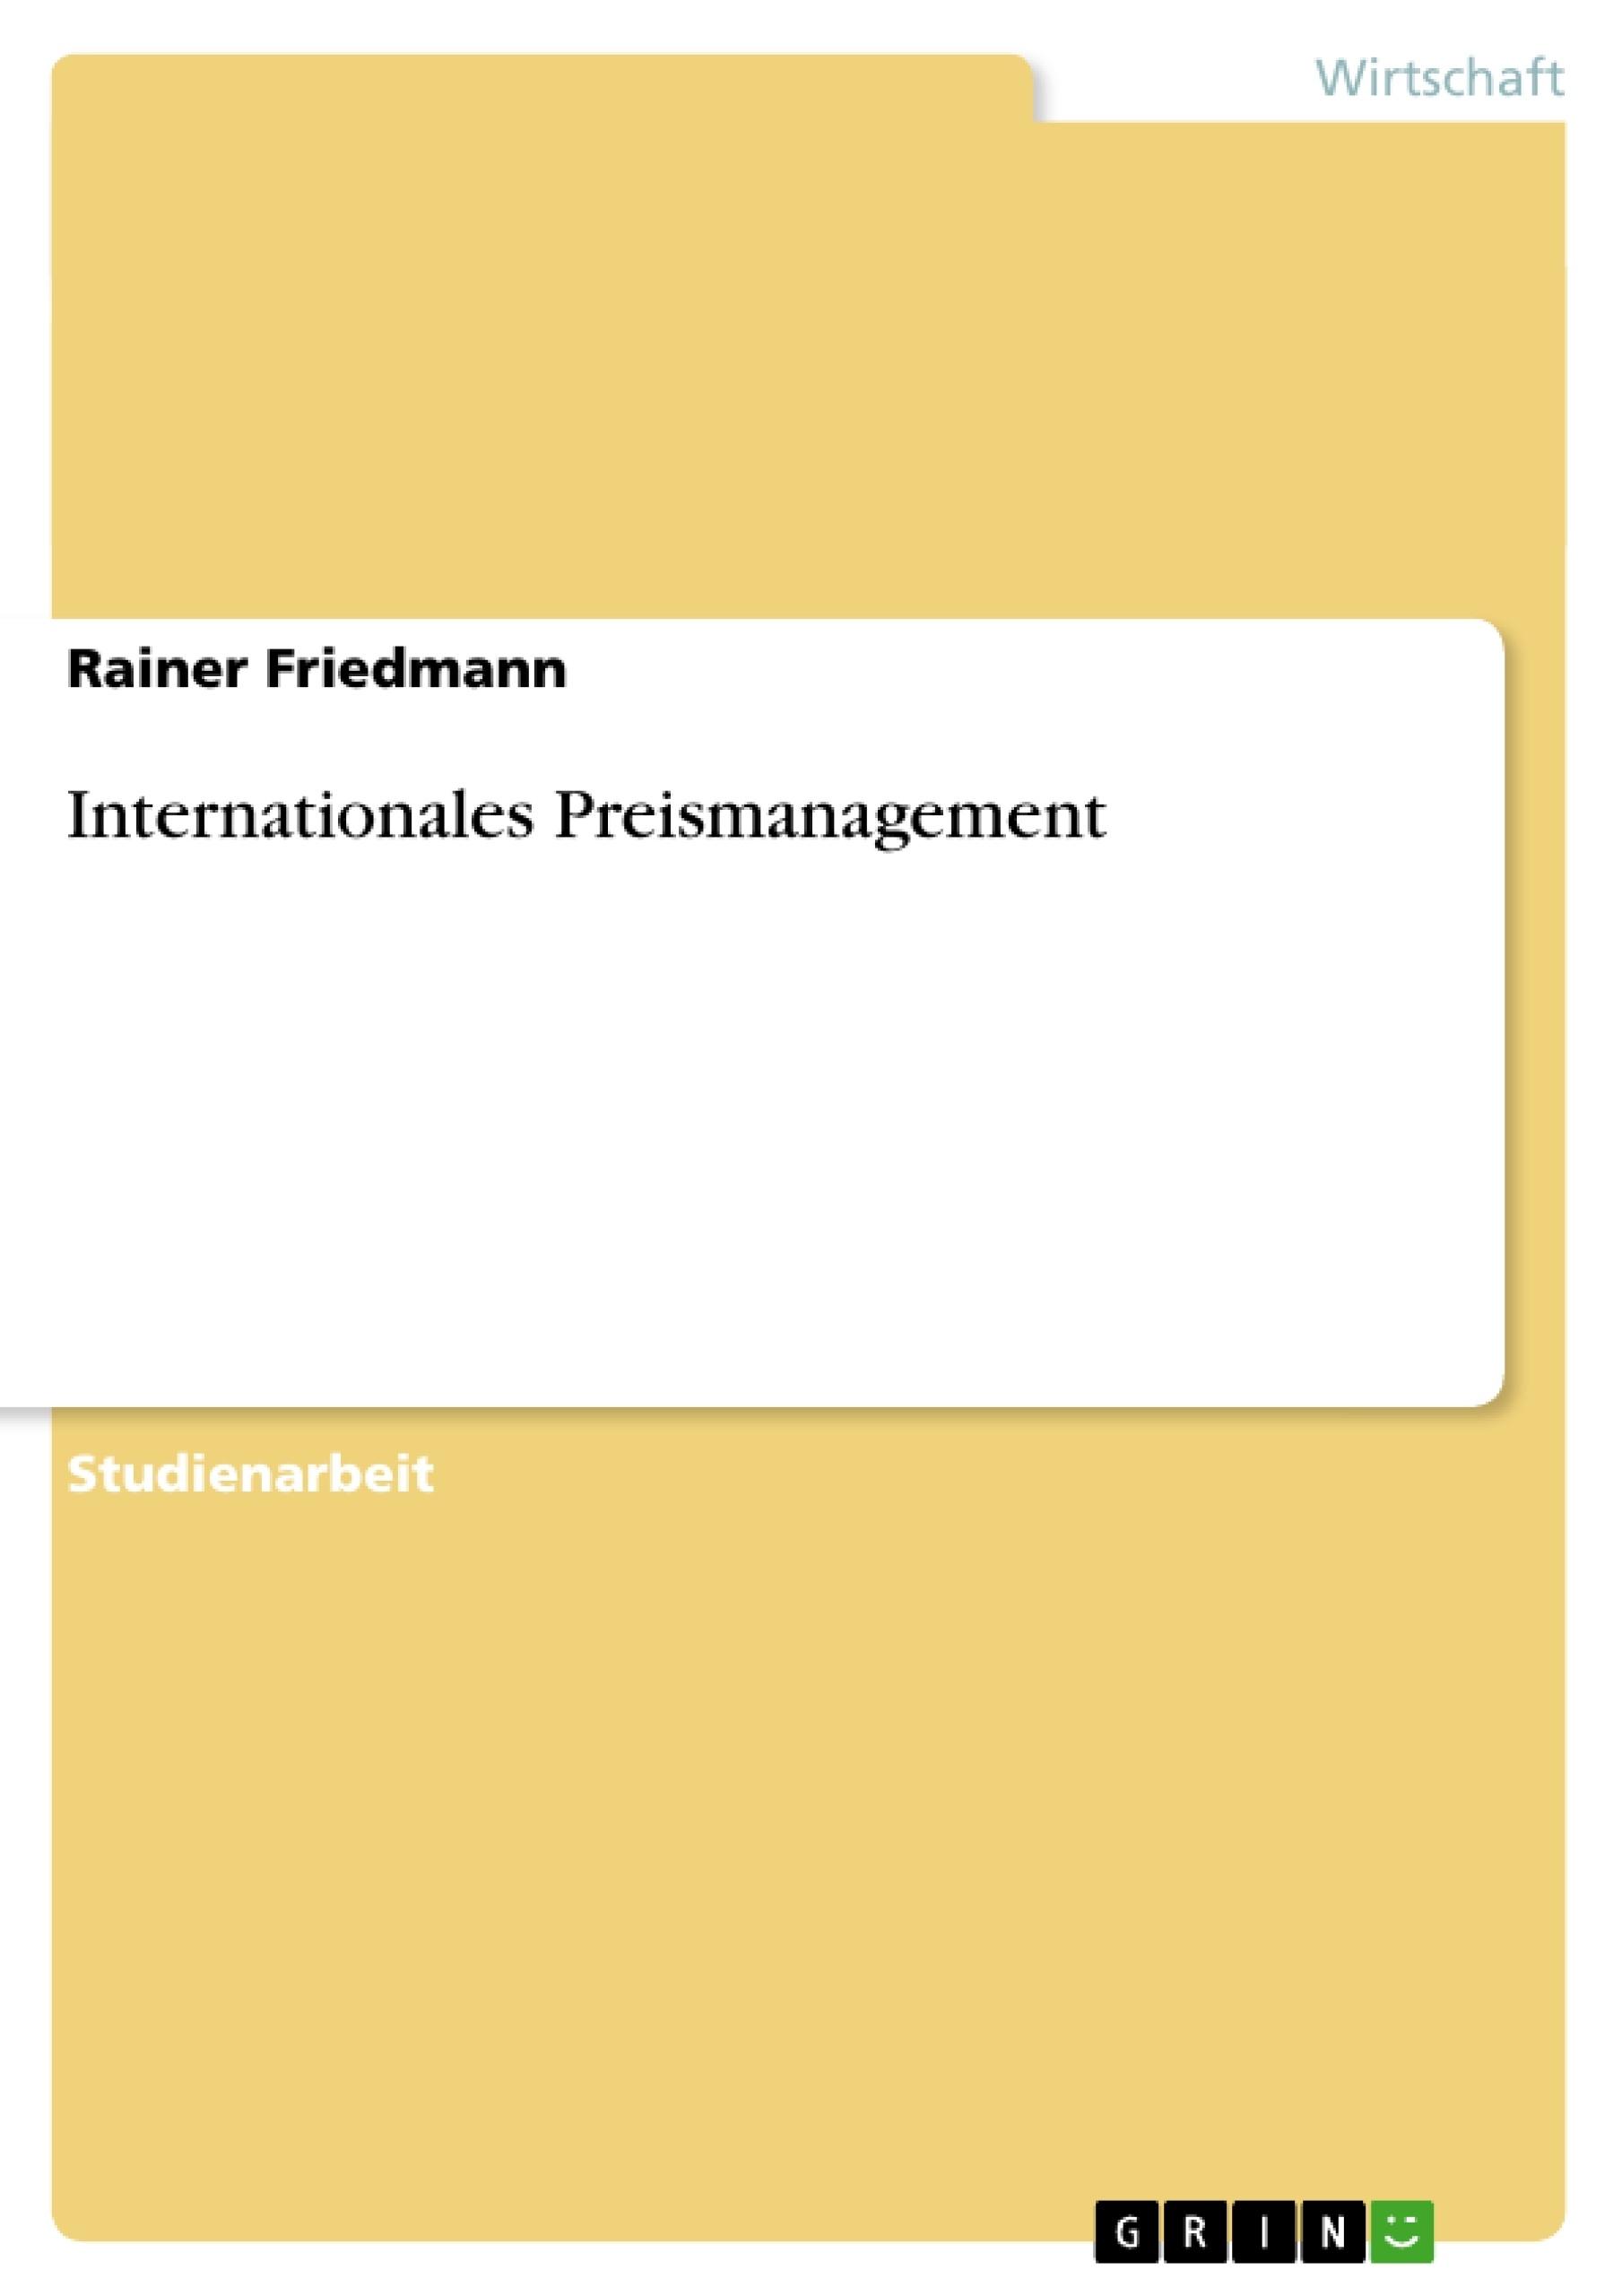 Titel: Internationales Preismanagement